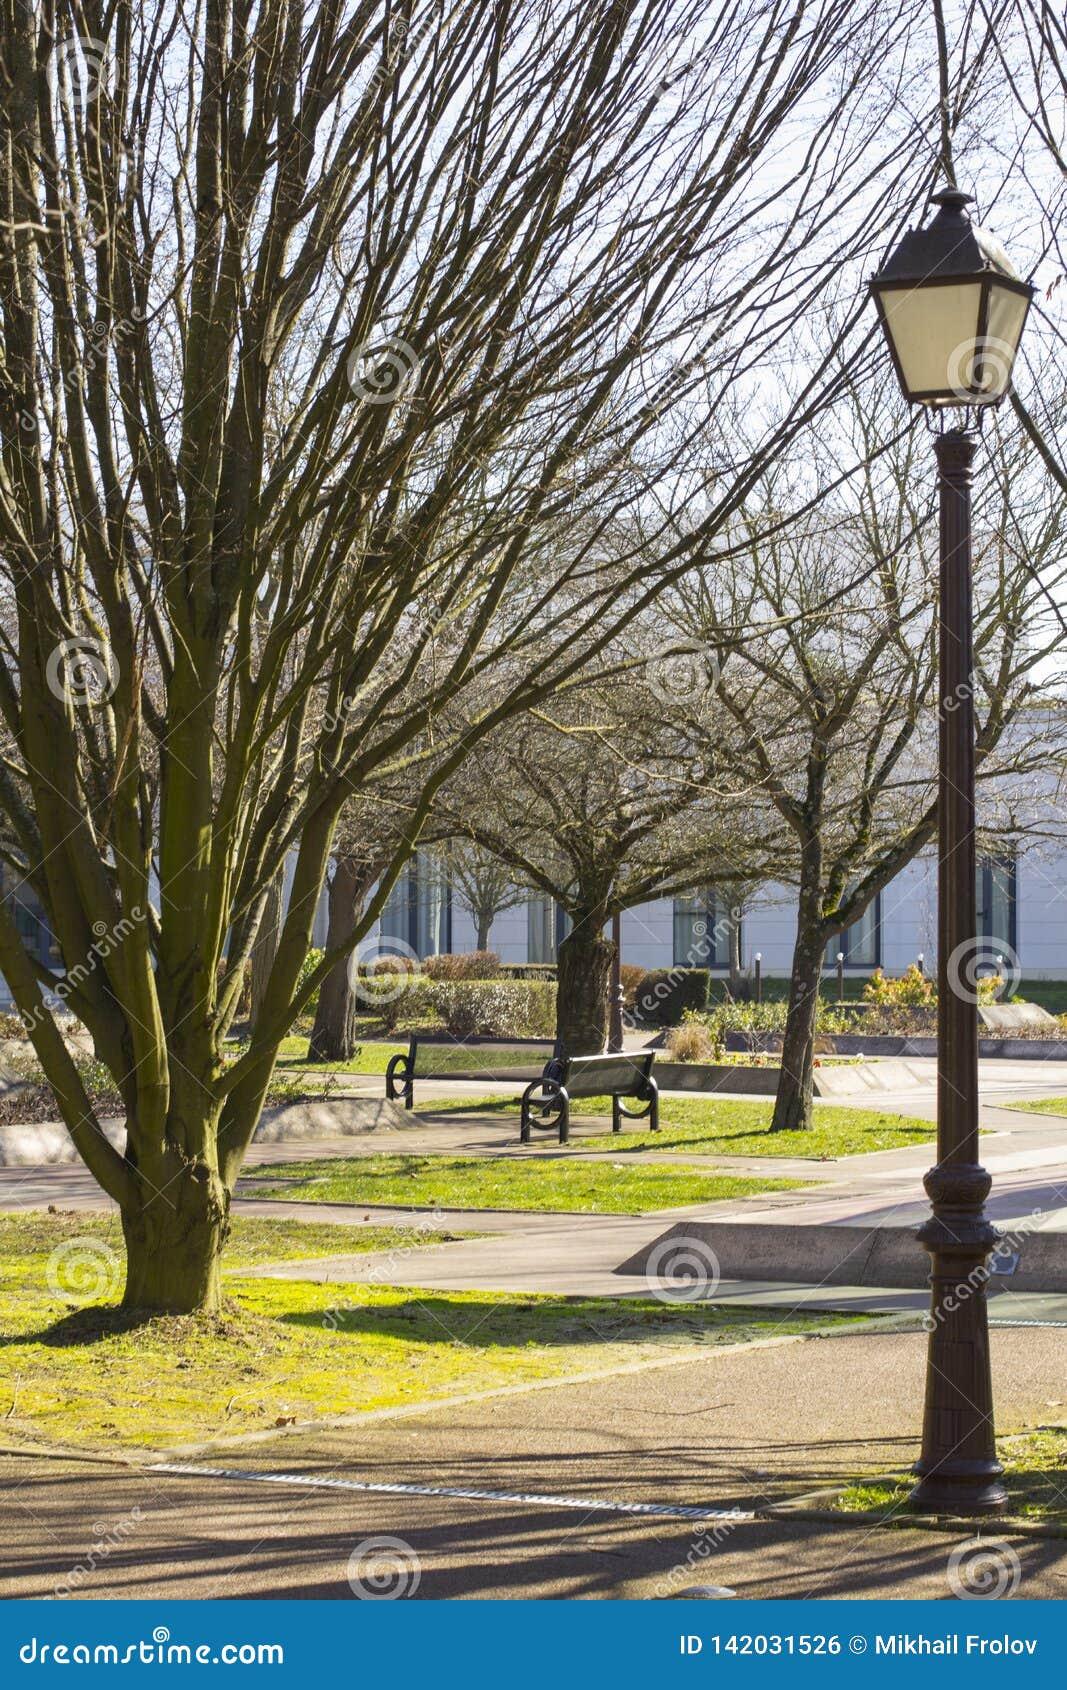 Een lantaarnpaal met een lantaarn van het ijzersmeedijzer in retro stijl op de achtergrond is een vroeg de lentepark met bomen en